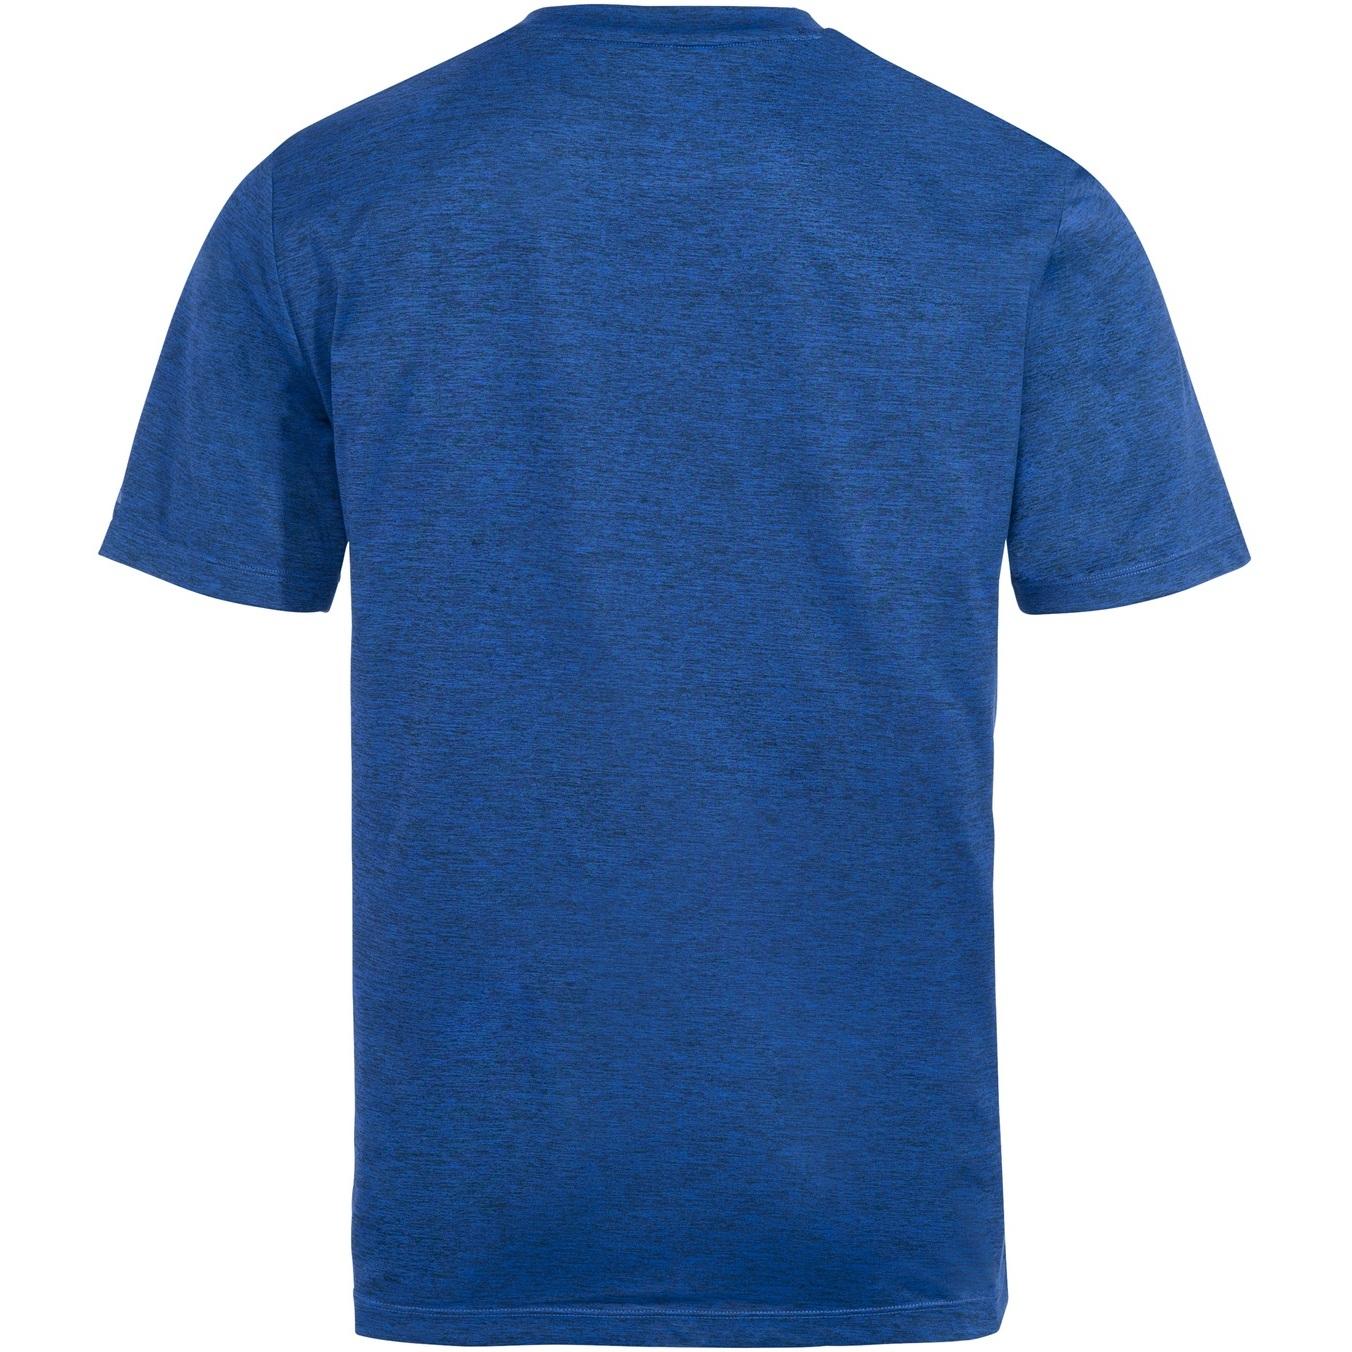 Bild von Vaude Bracket T-Shirt - signal blue